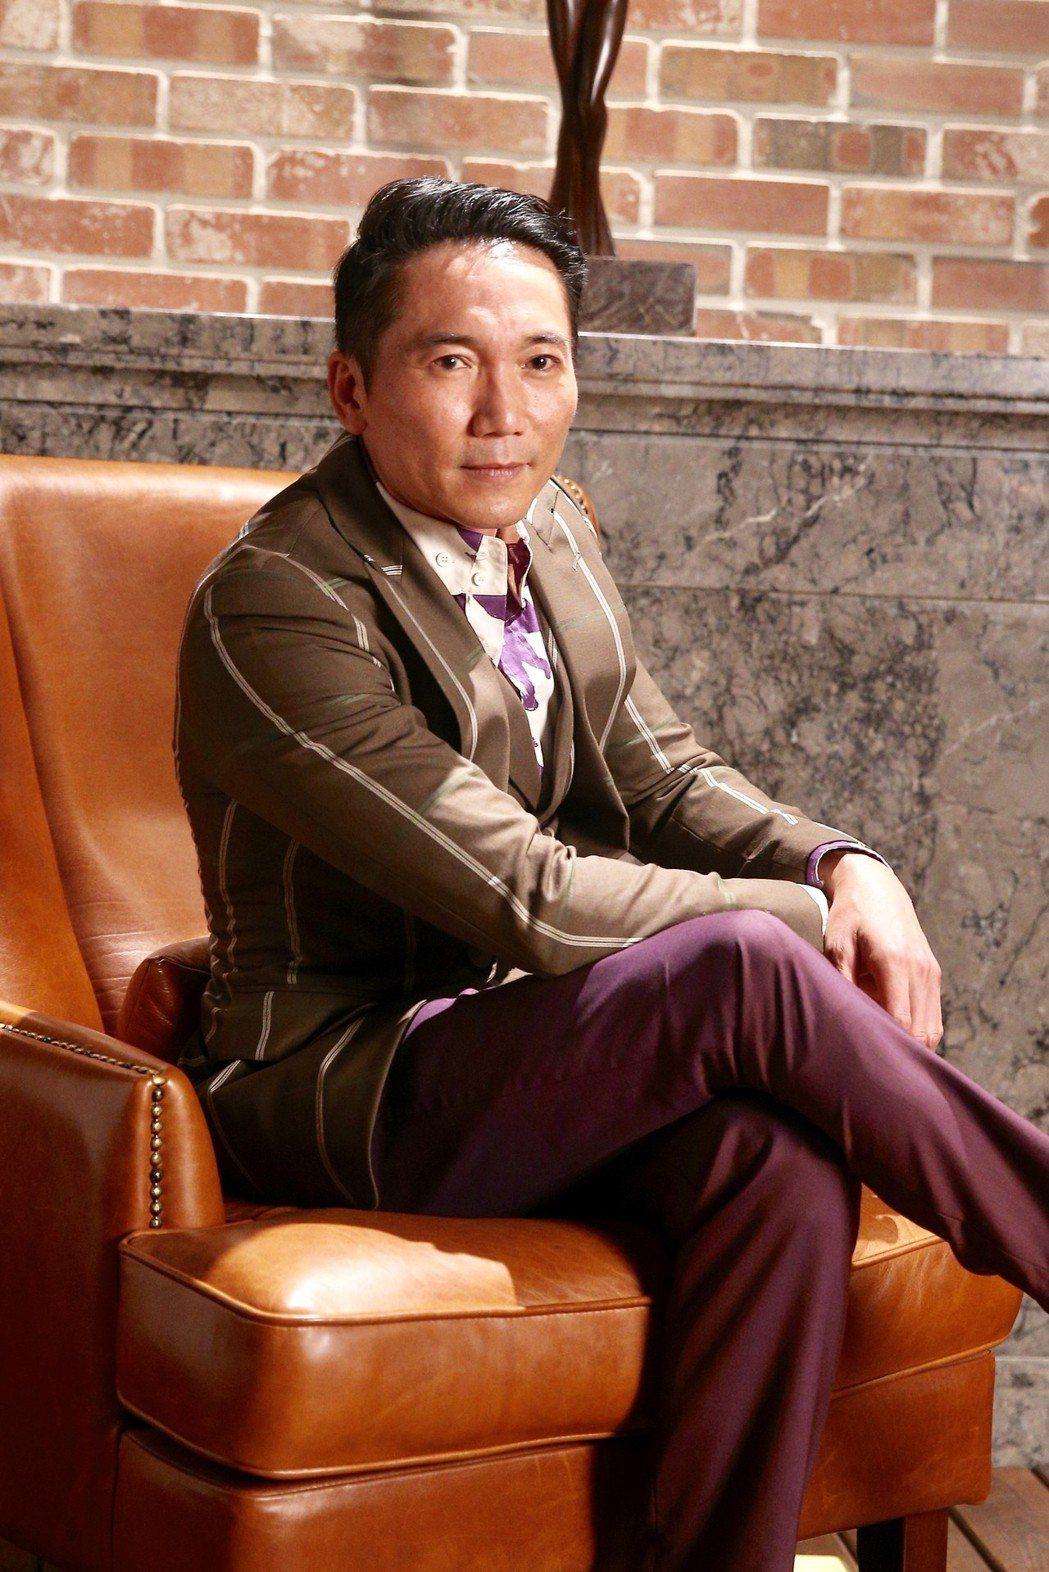 鄒兆龍為《黃金娛樂城》手遊拍攝廣告。記者林伯東/攝影